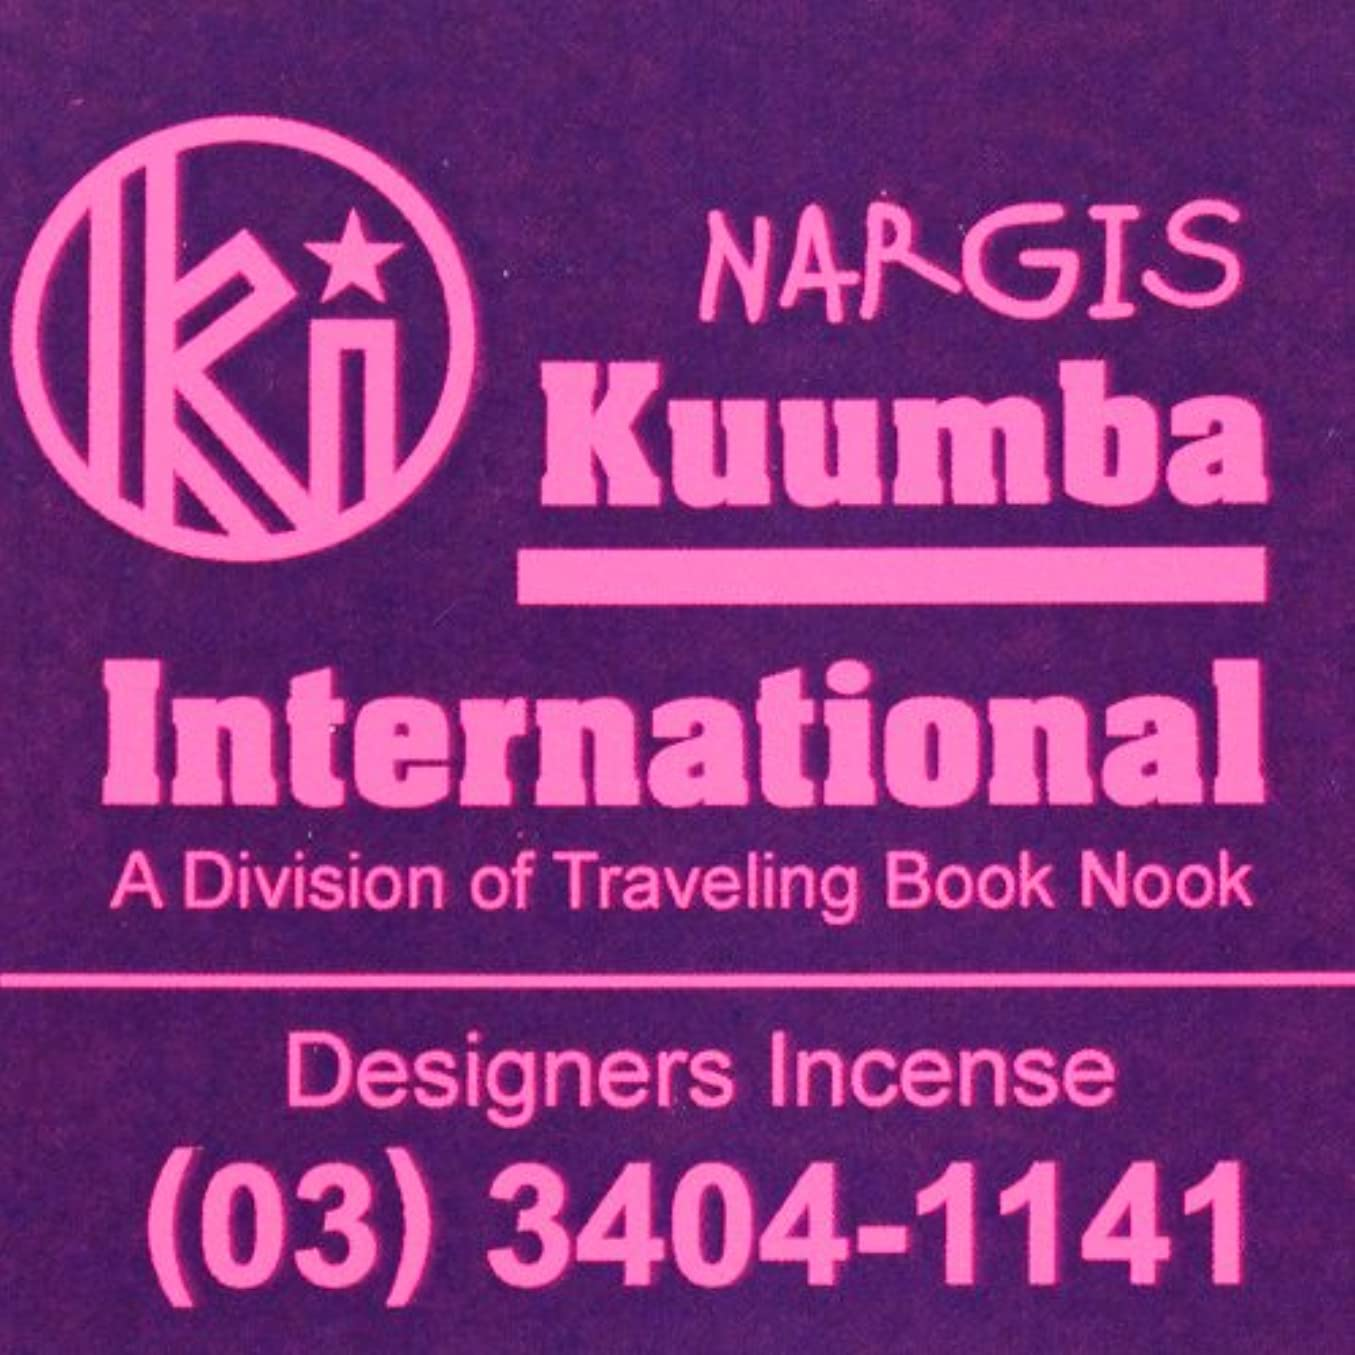 オーバーヘッド例示する解任(クンバ) KUUMBA『classic regular incense』(NARGIS) (Regular size)